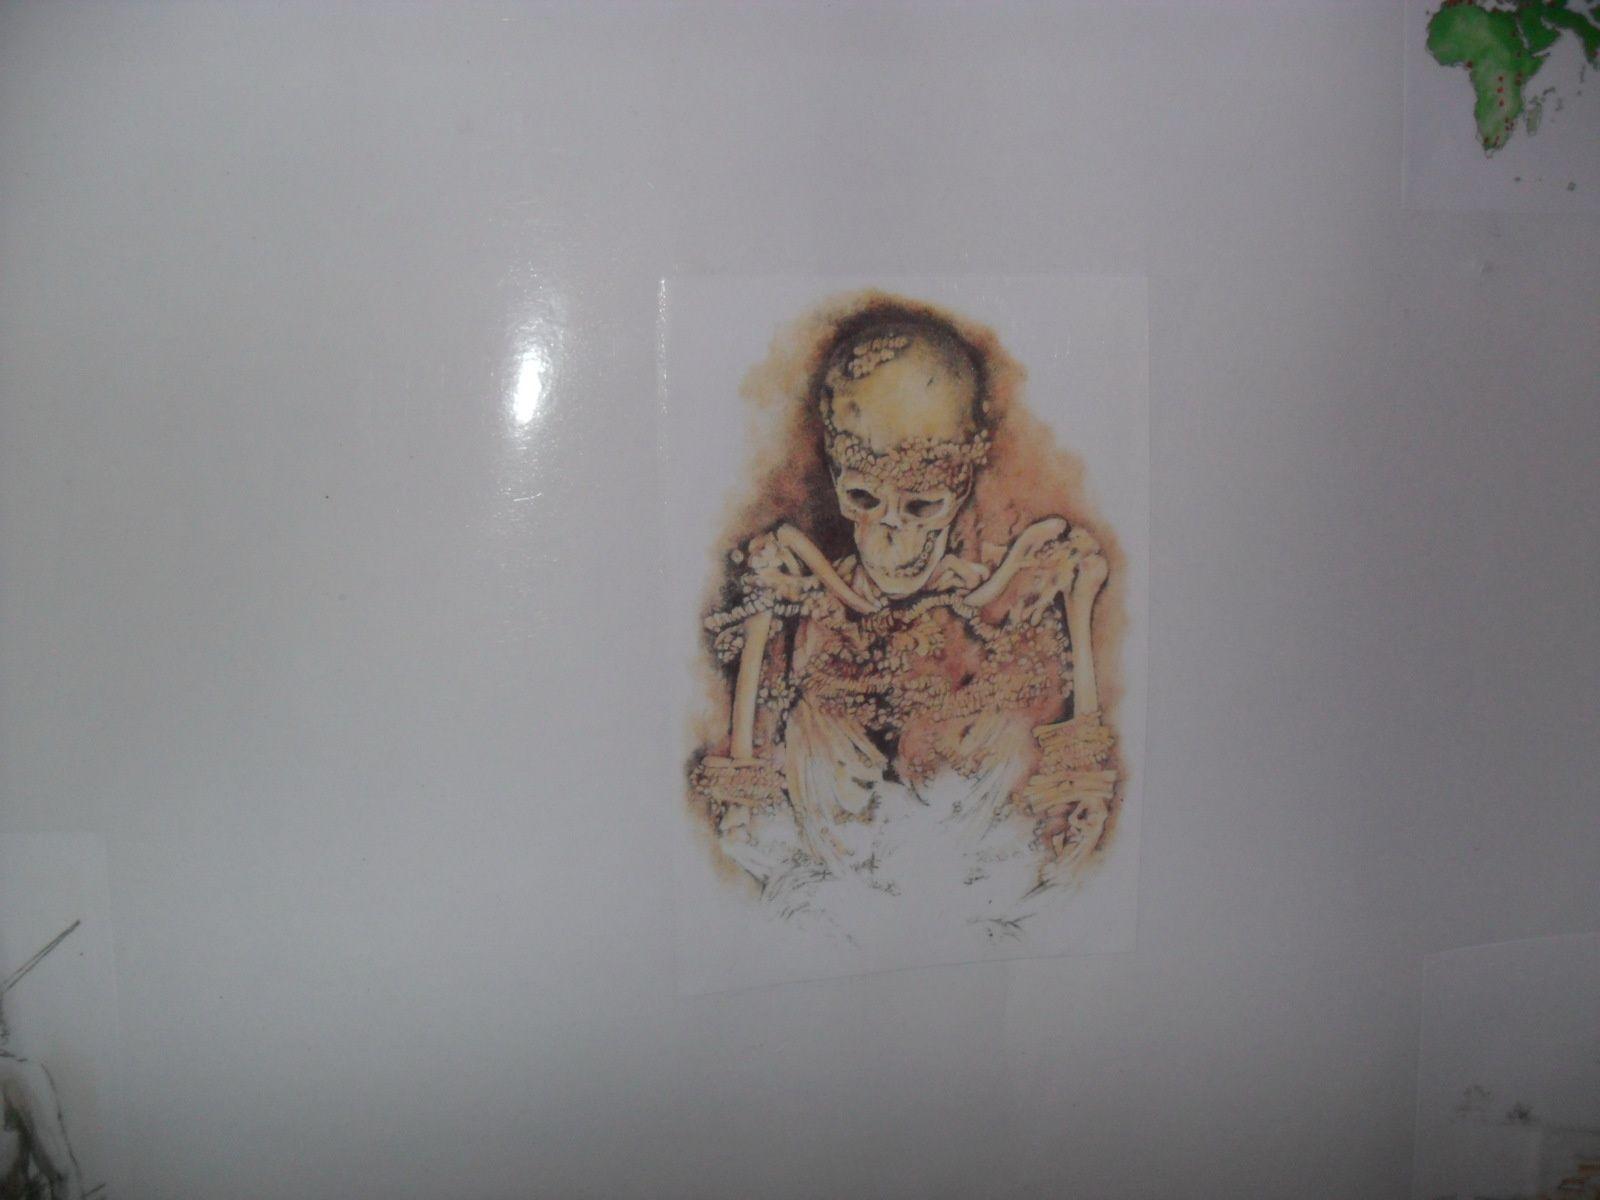 Les hommes donnaient des sépultures à leurs morts. Un squelette recouvert de pierres précieuses a été découvert.